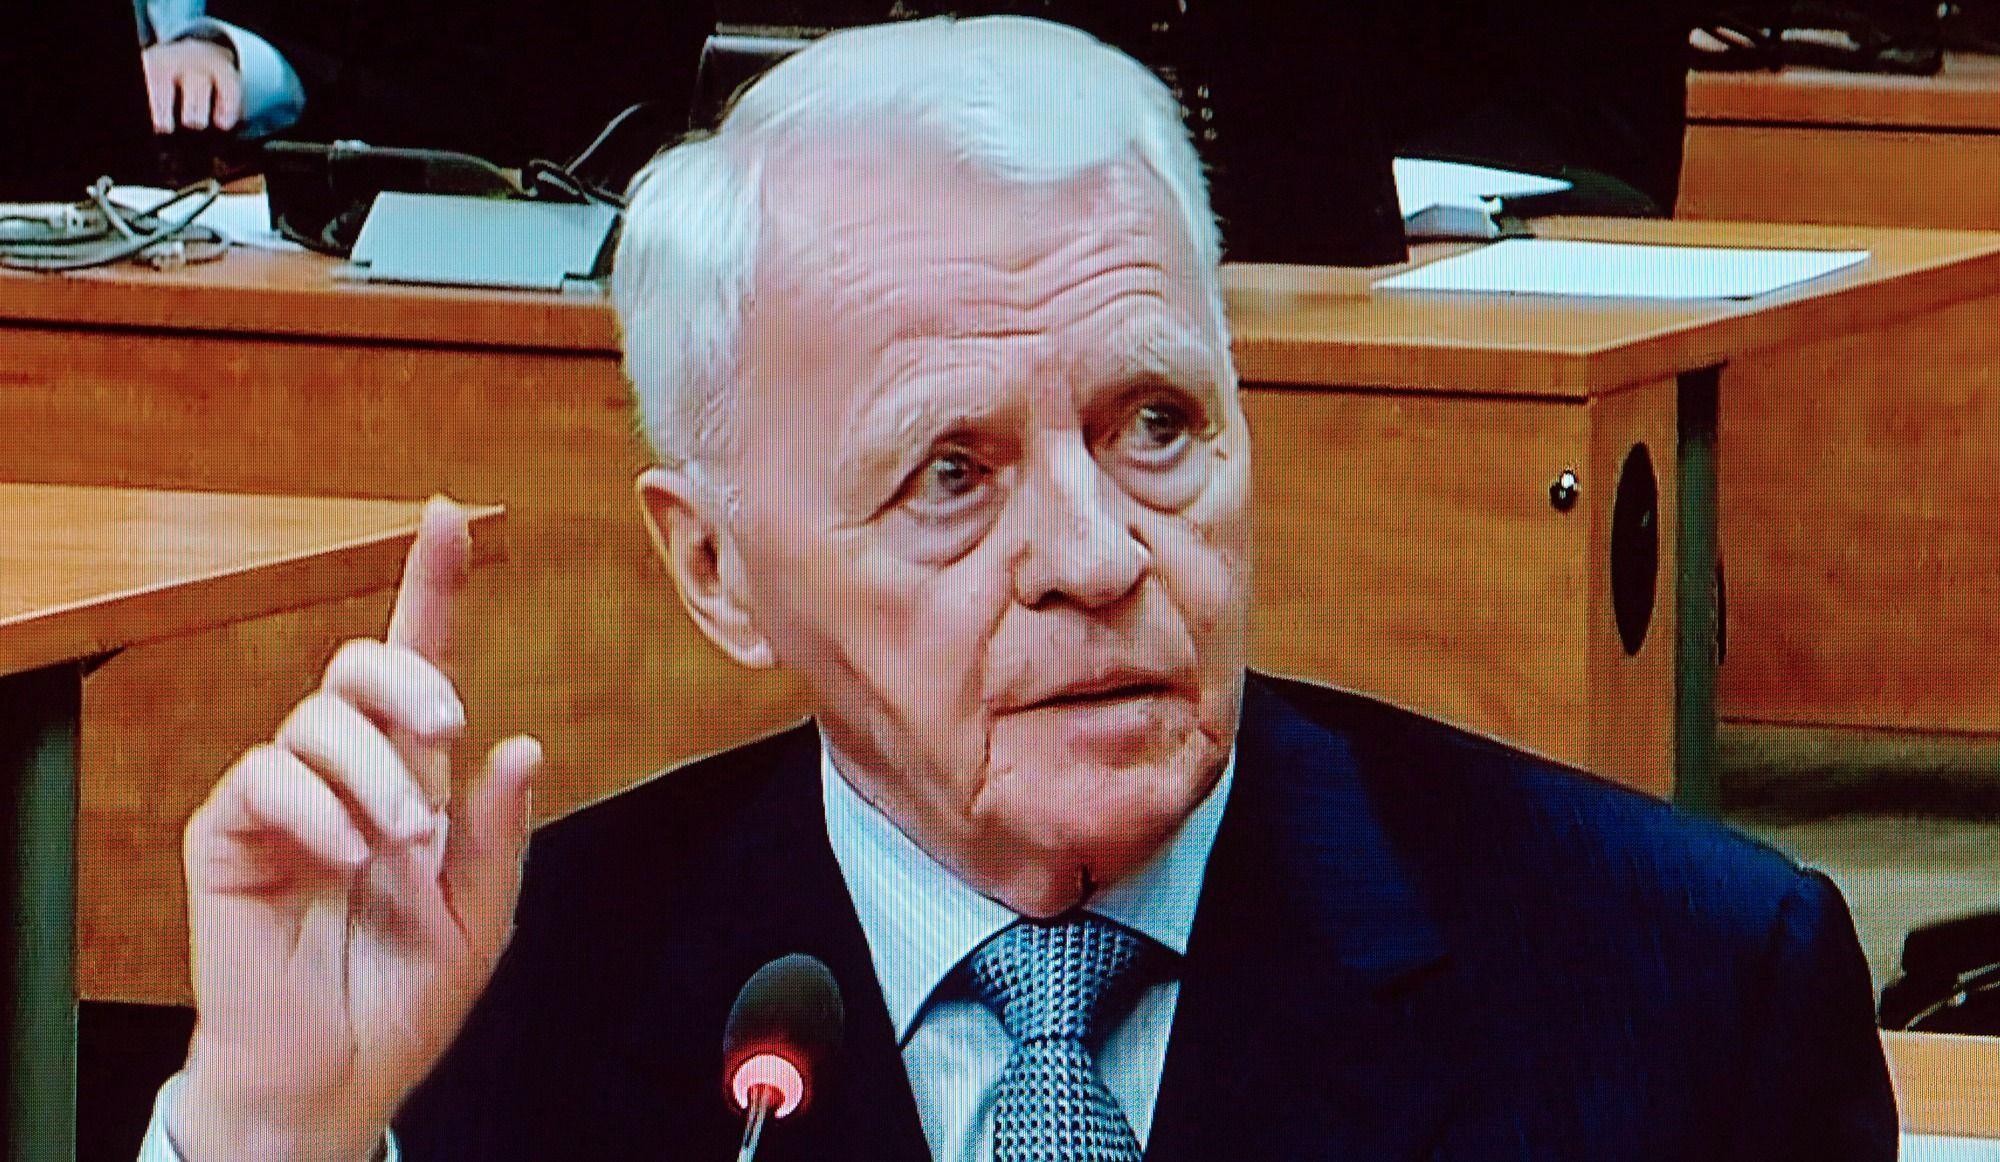 Une «vedette» de la Commission Charbonneau condamnée pour attentat à la pudeur